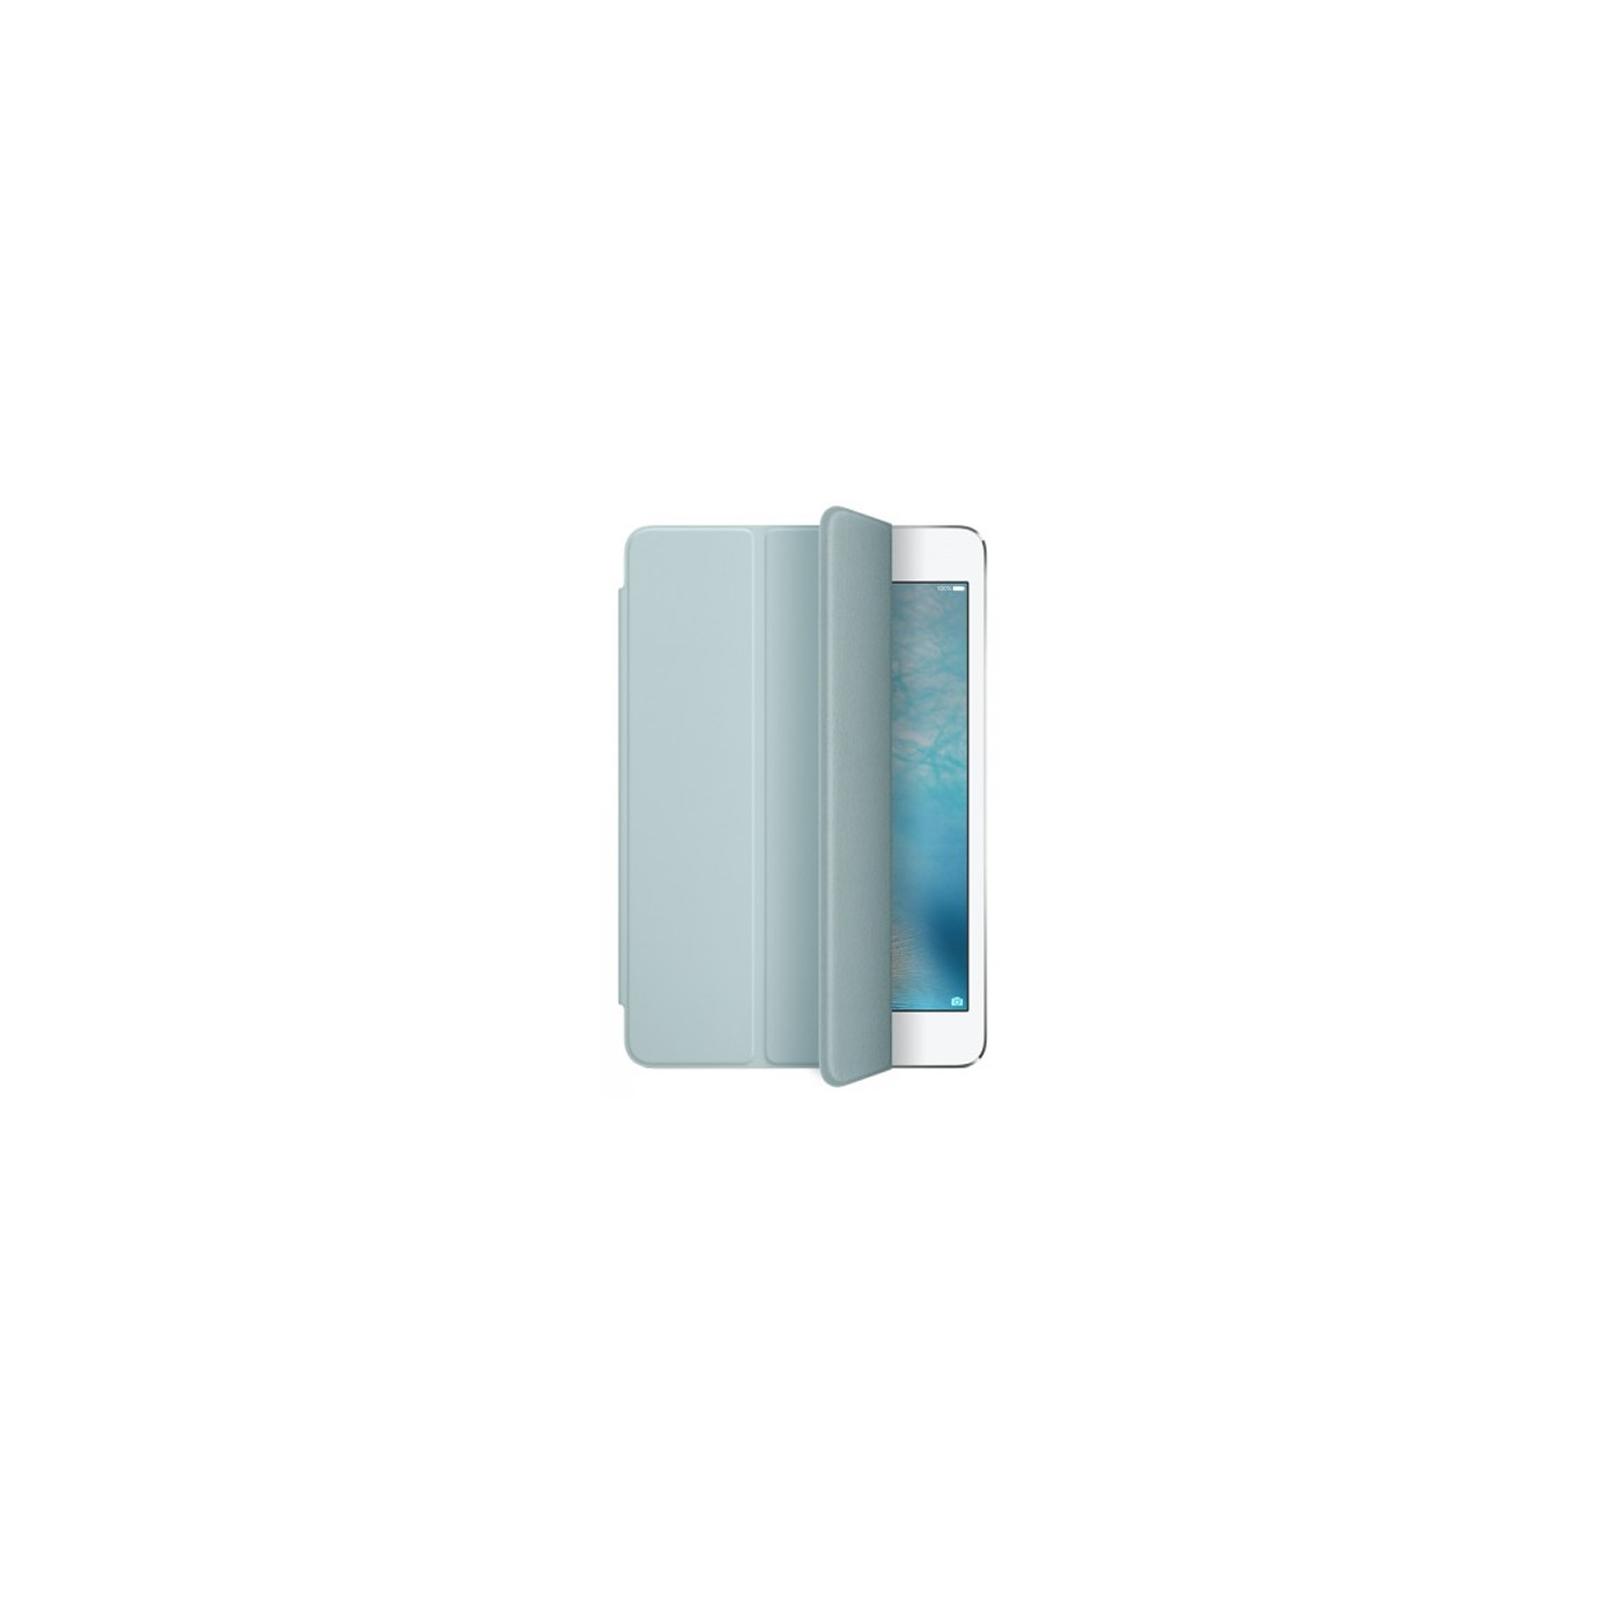 Чехол для планшета Apple Smart Cover для iPad mini 4 Turquoise (MKM52ZM/A) изображение 3